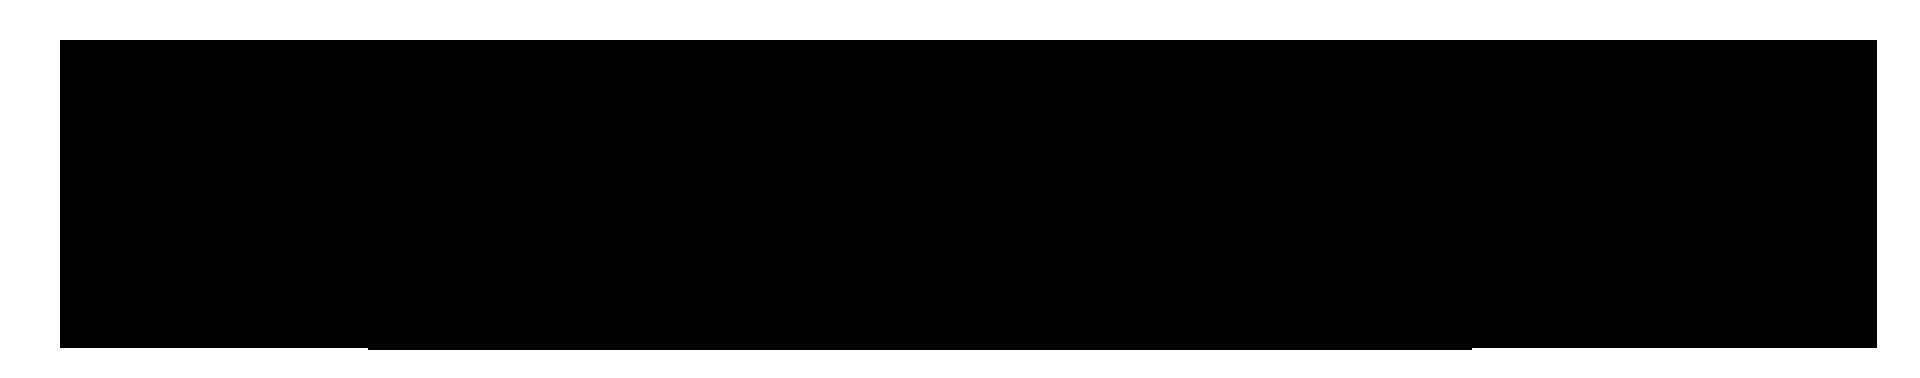 rosendo-mateu-logo-for-zgo-web.png